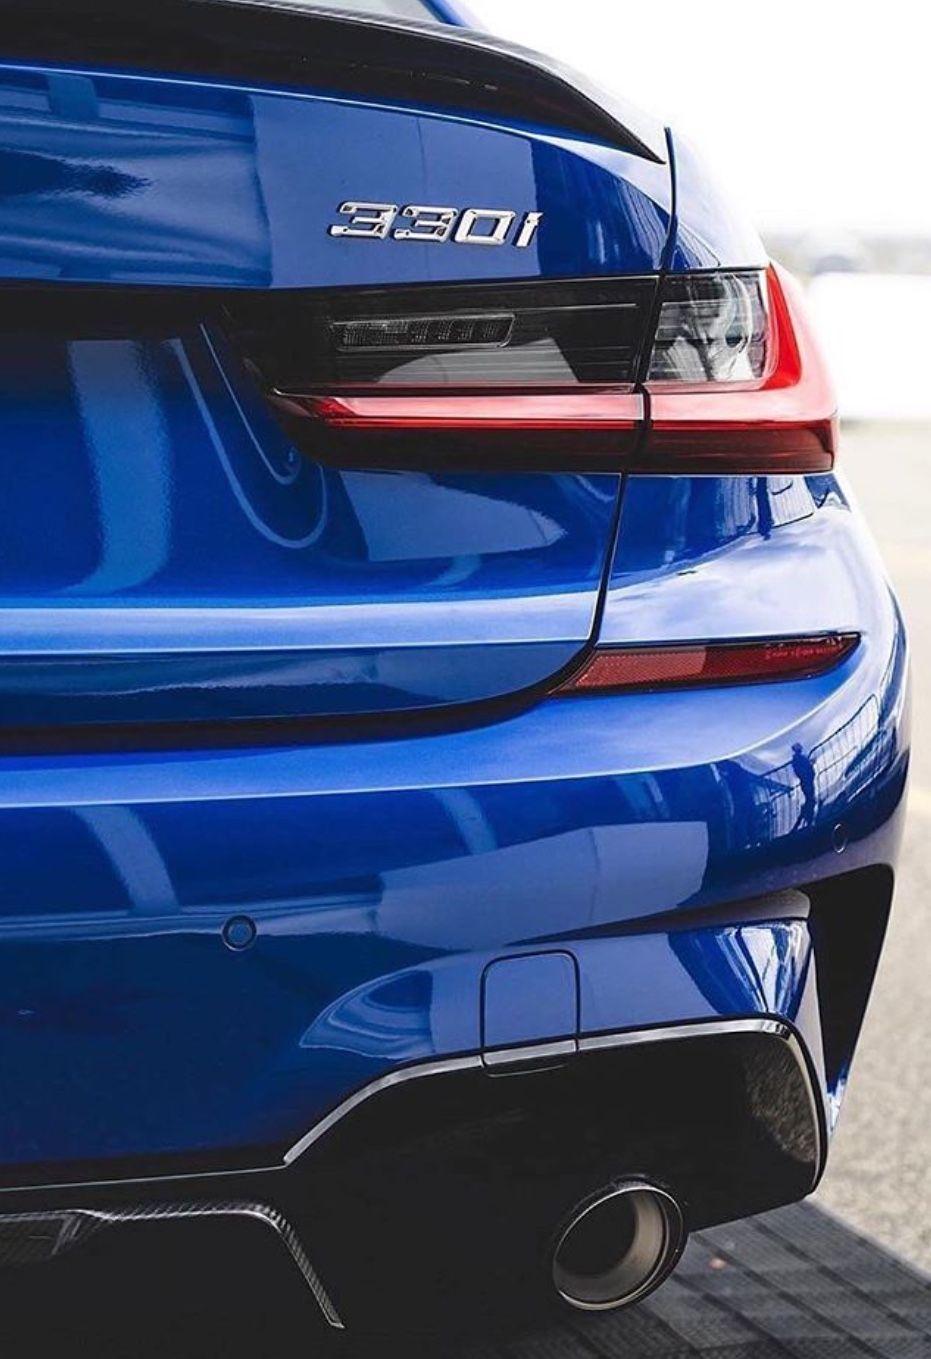 Pin By David Sierra On Bmw Model Badges Dream Cars Bmw Bmw New Bmw